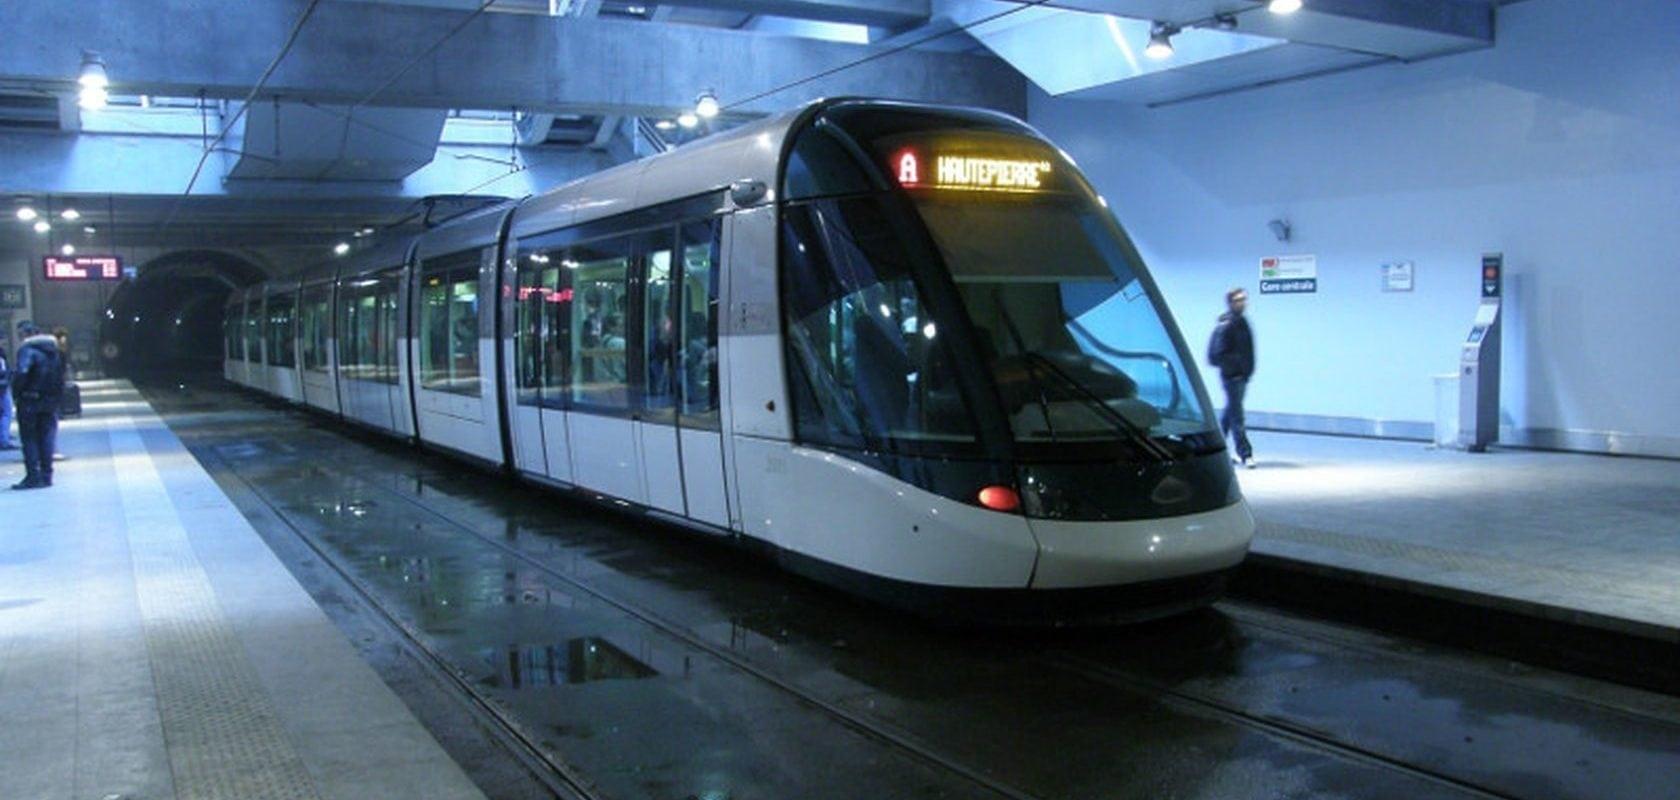 Le tunnel du tramway A et D coupé cet été